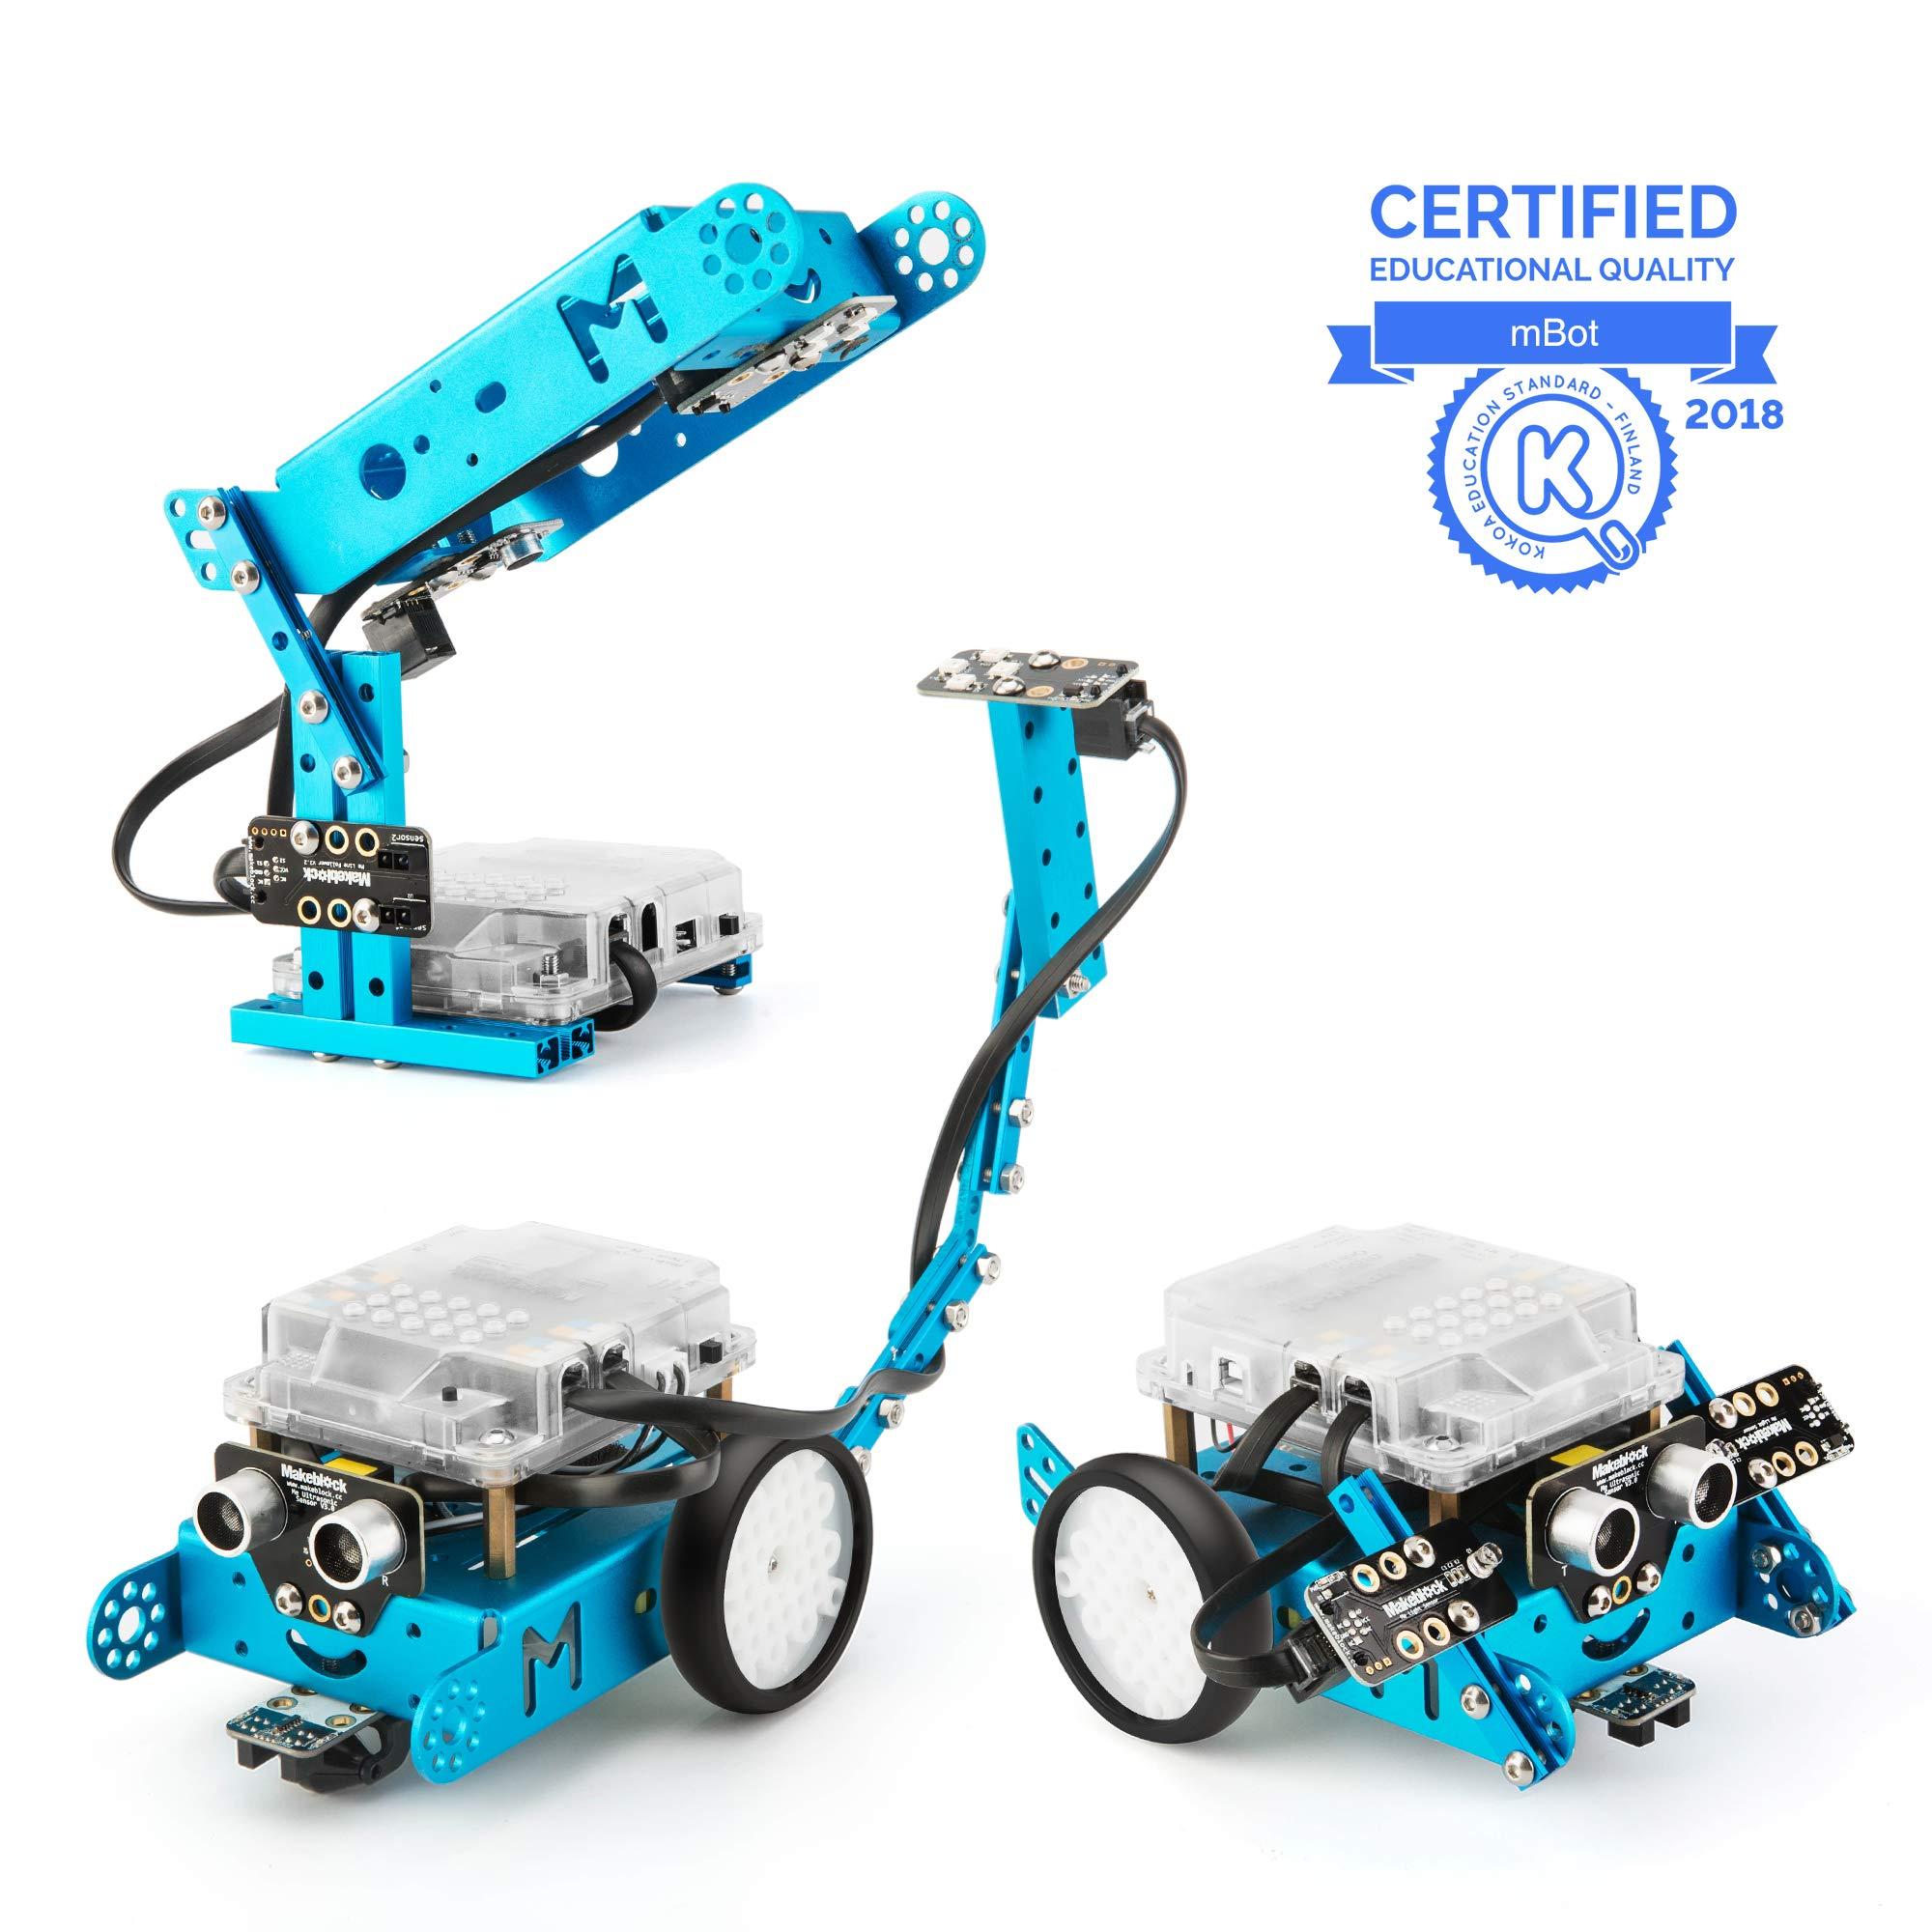 Robot Educativo para armar y programar Makeblock